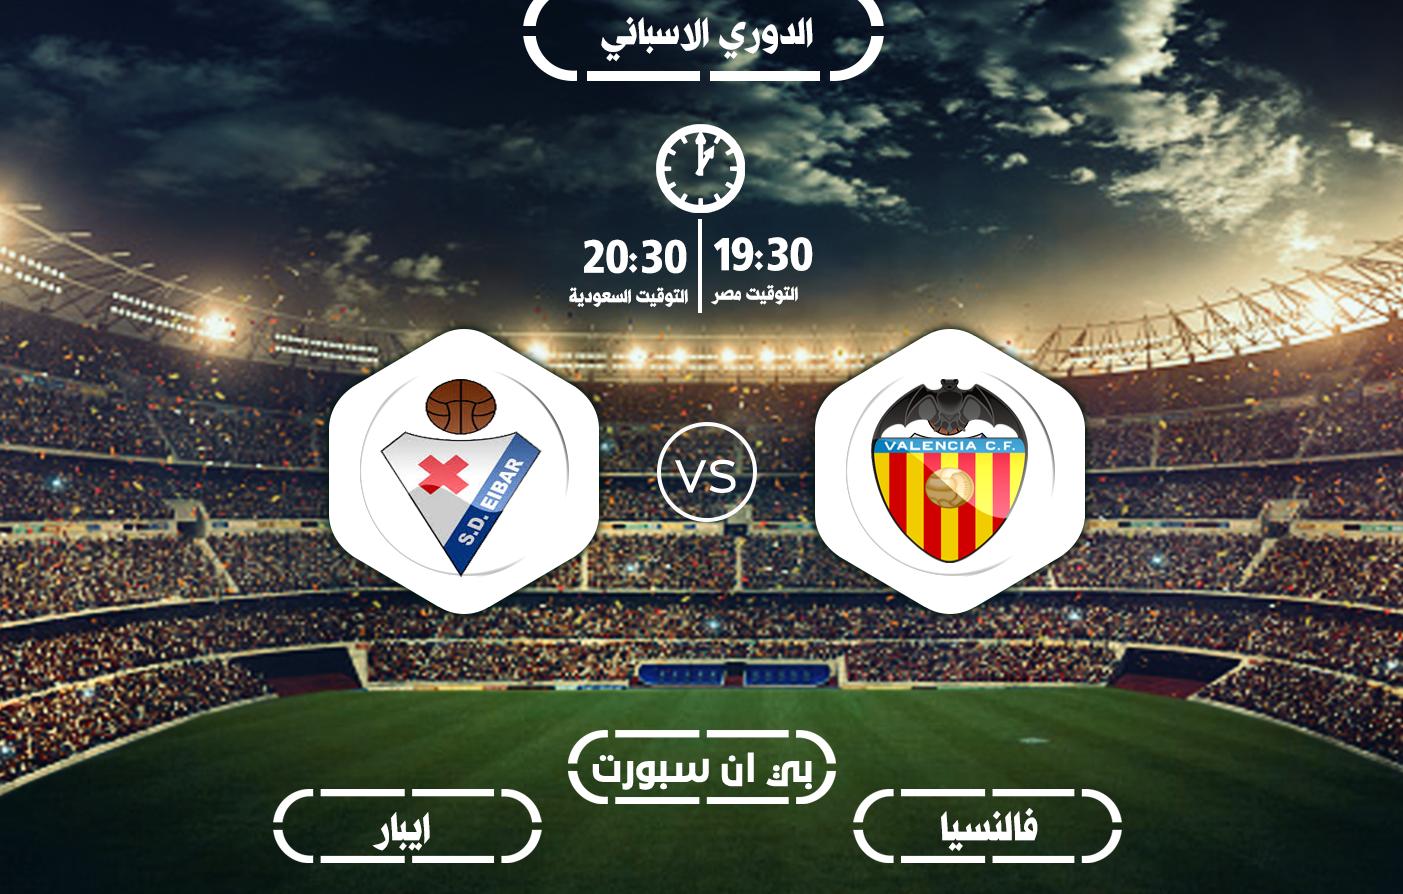 يلا شوت الجديد | مشاهدة مباراة فالنسيا وإيبار الدوري الإسباني